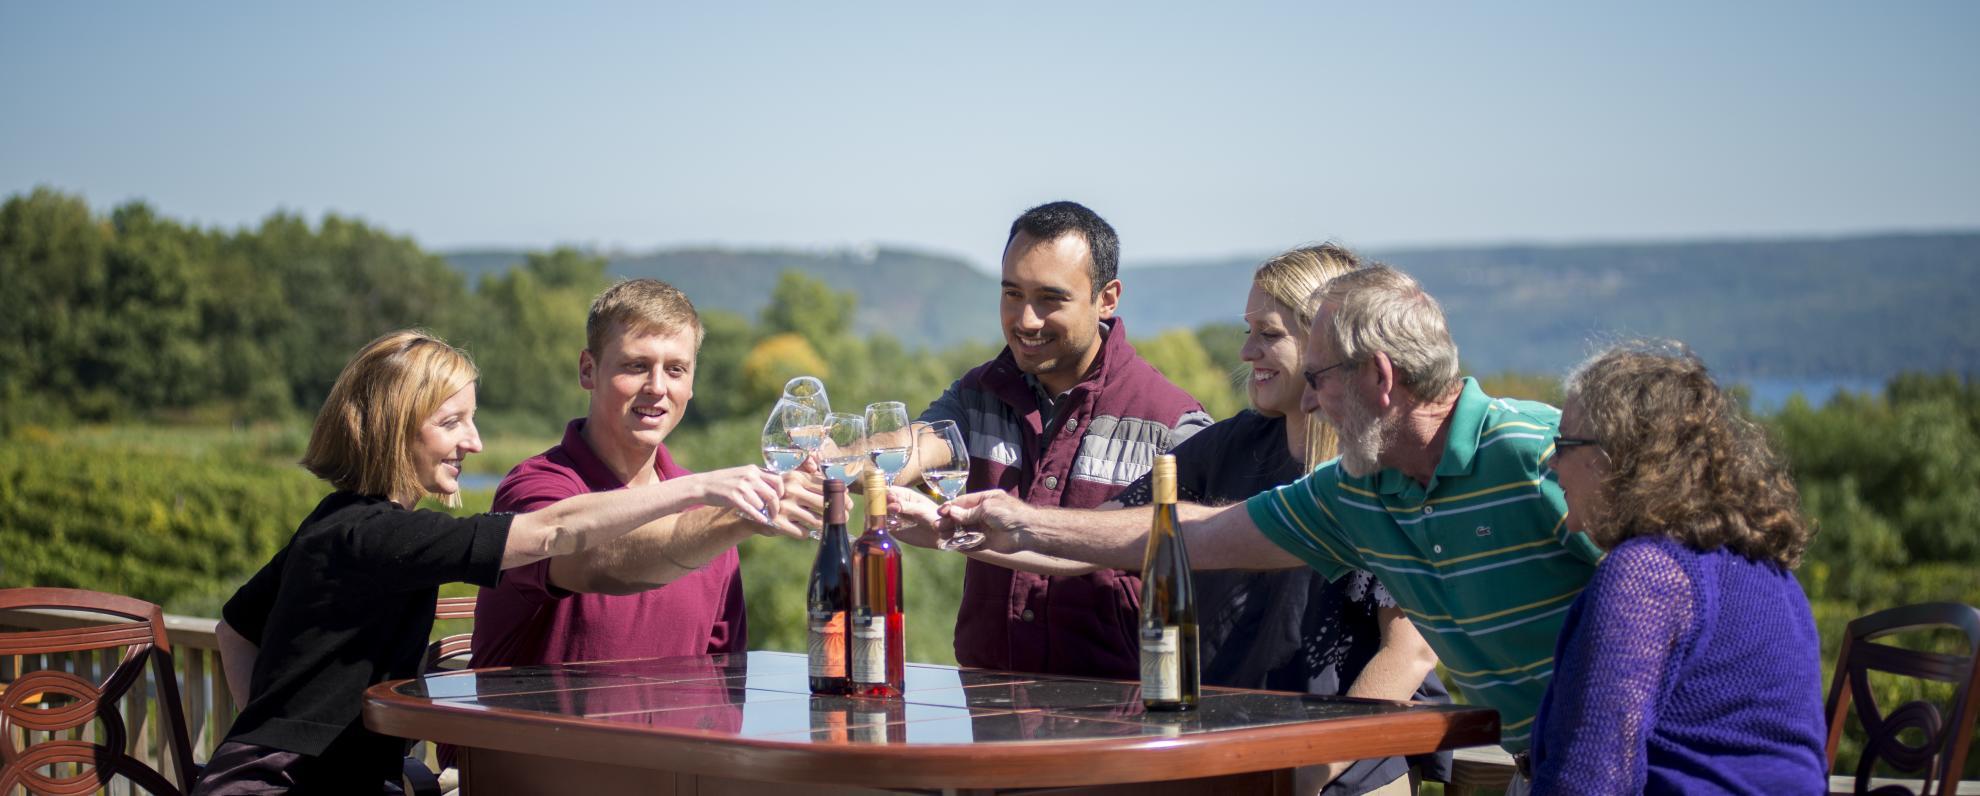 hammondsport_wineries_dr_frank_s_courtes